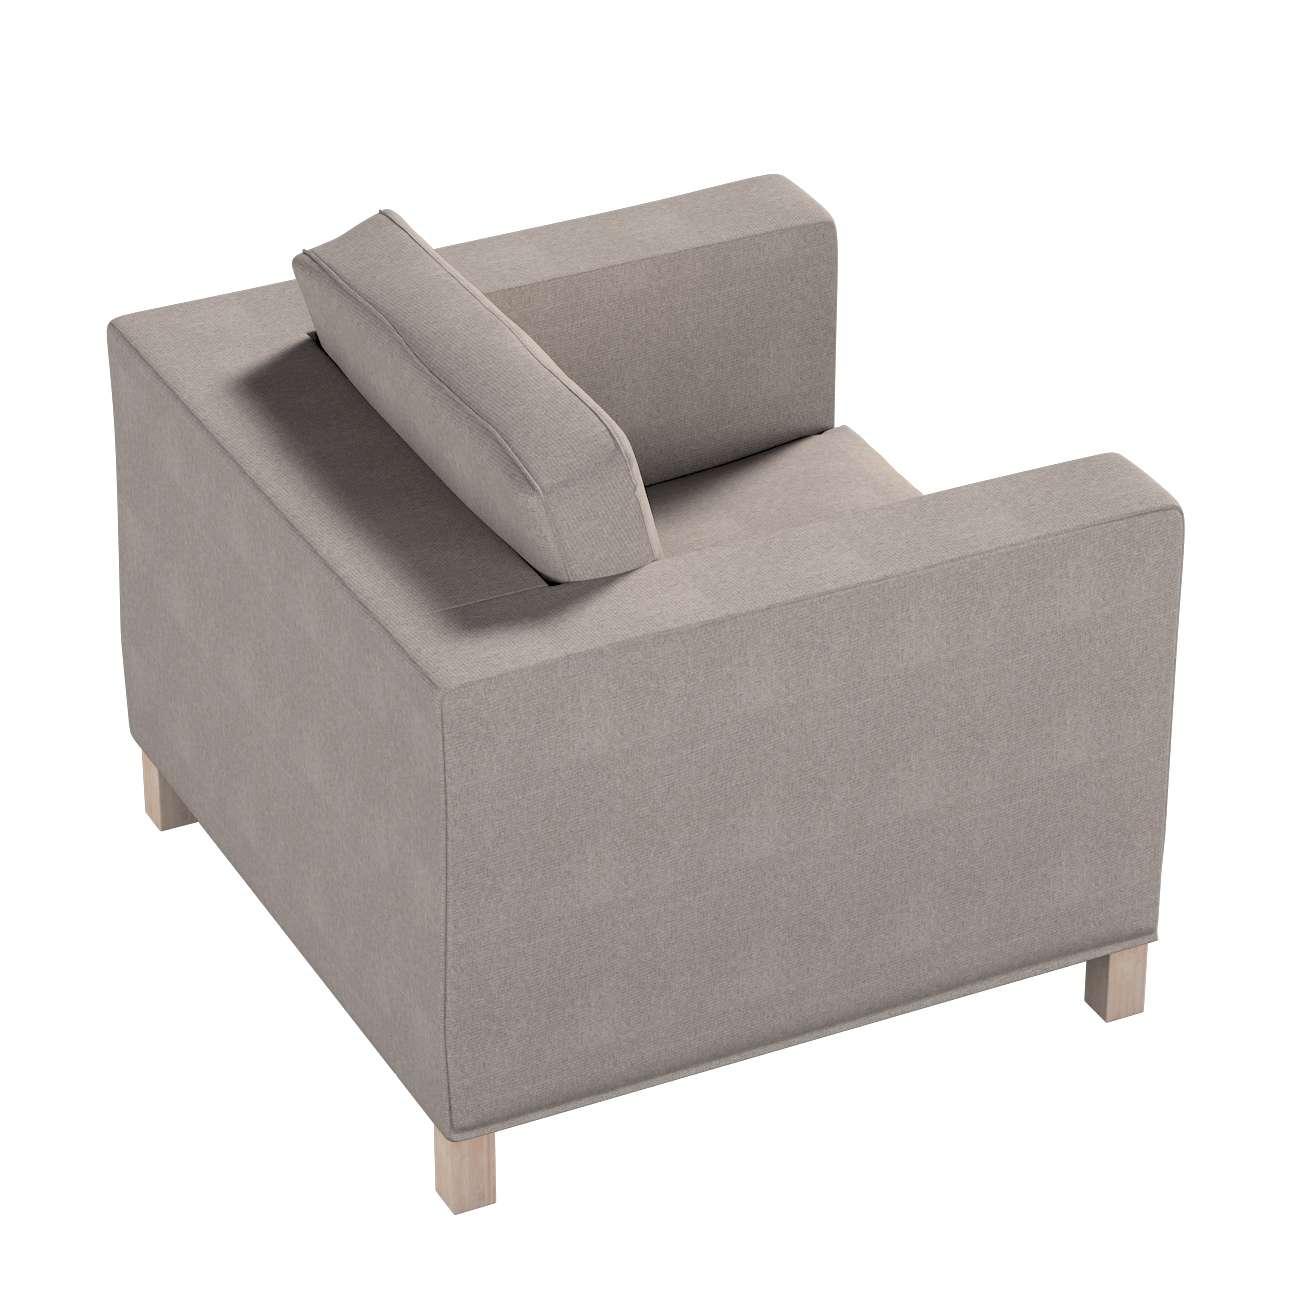 Pokrowiec na fotel Karlanda, krótki w kolekcji Etna, tkanina: 705-09